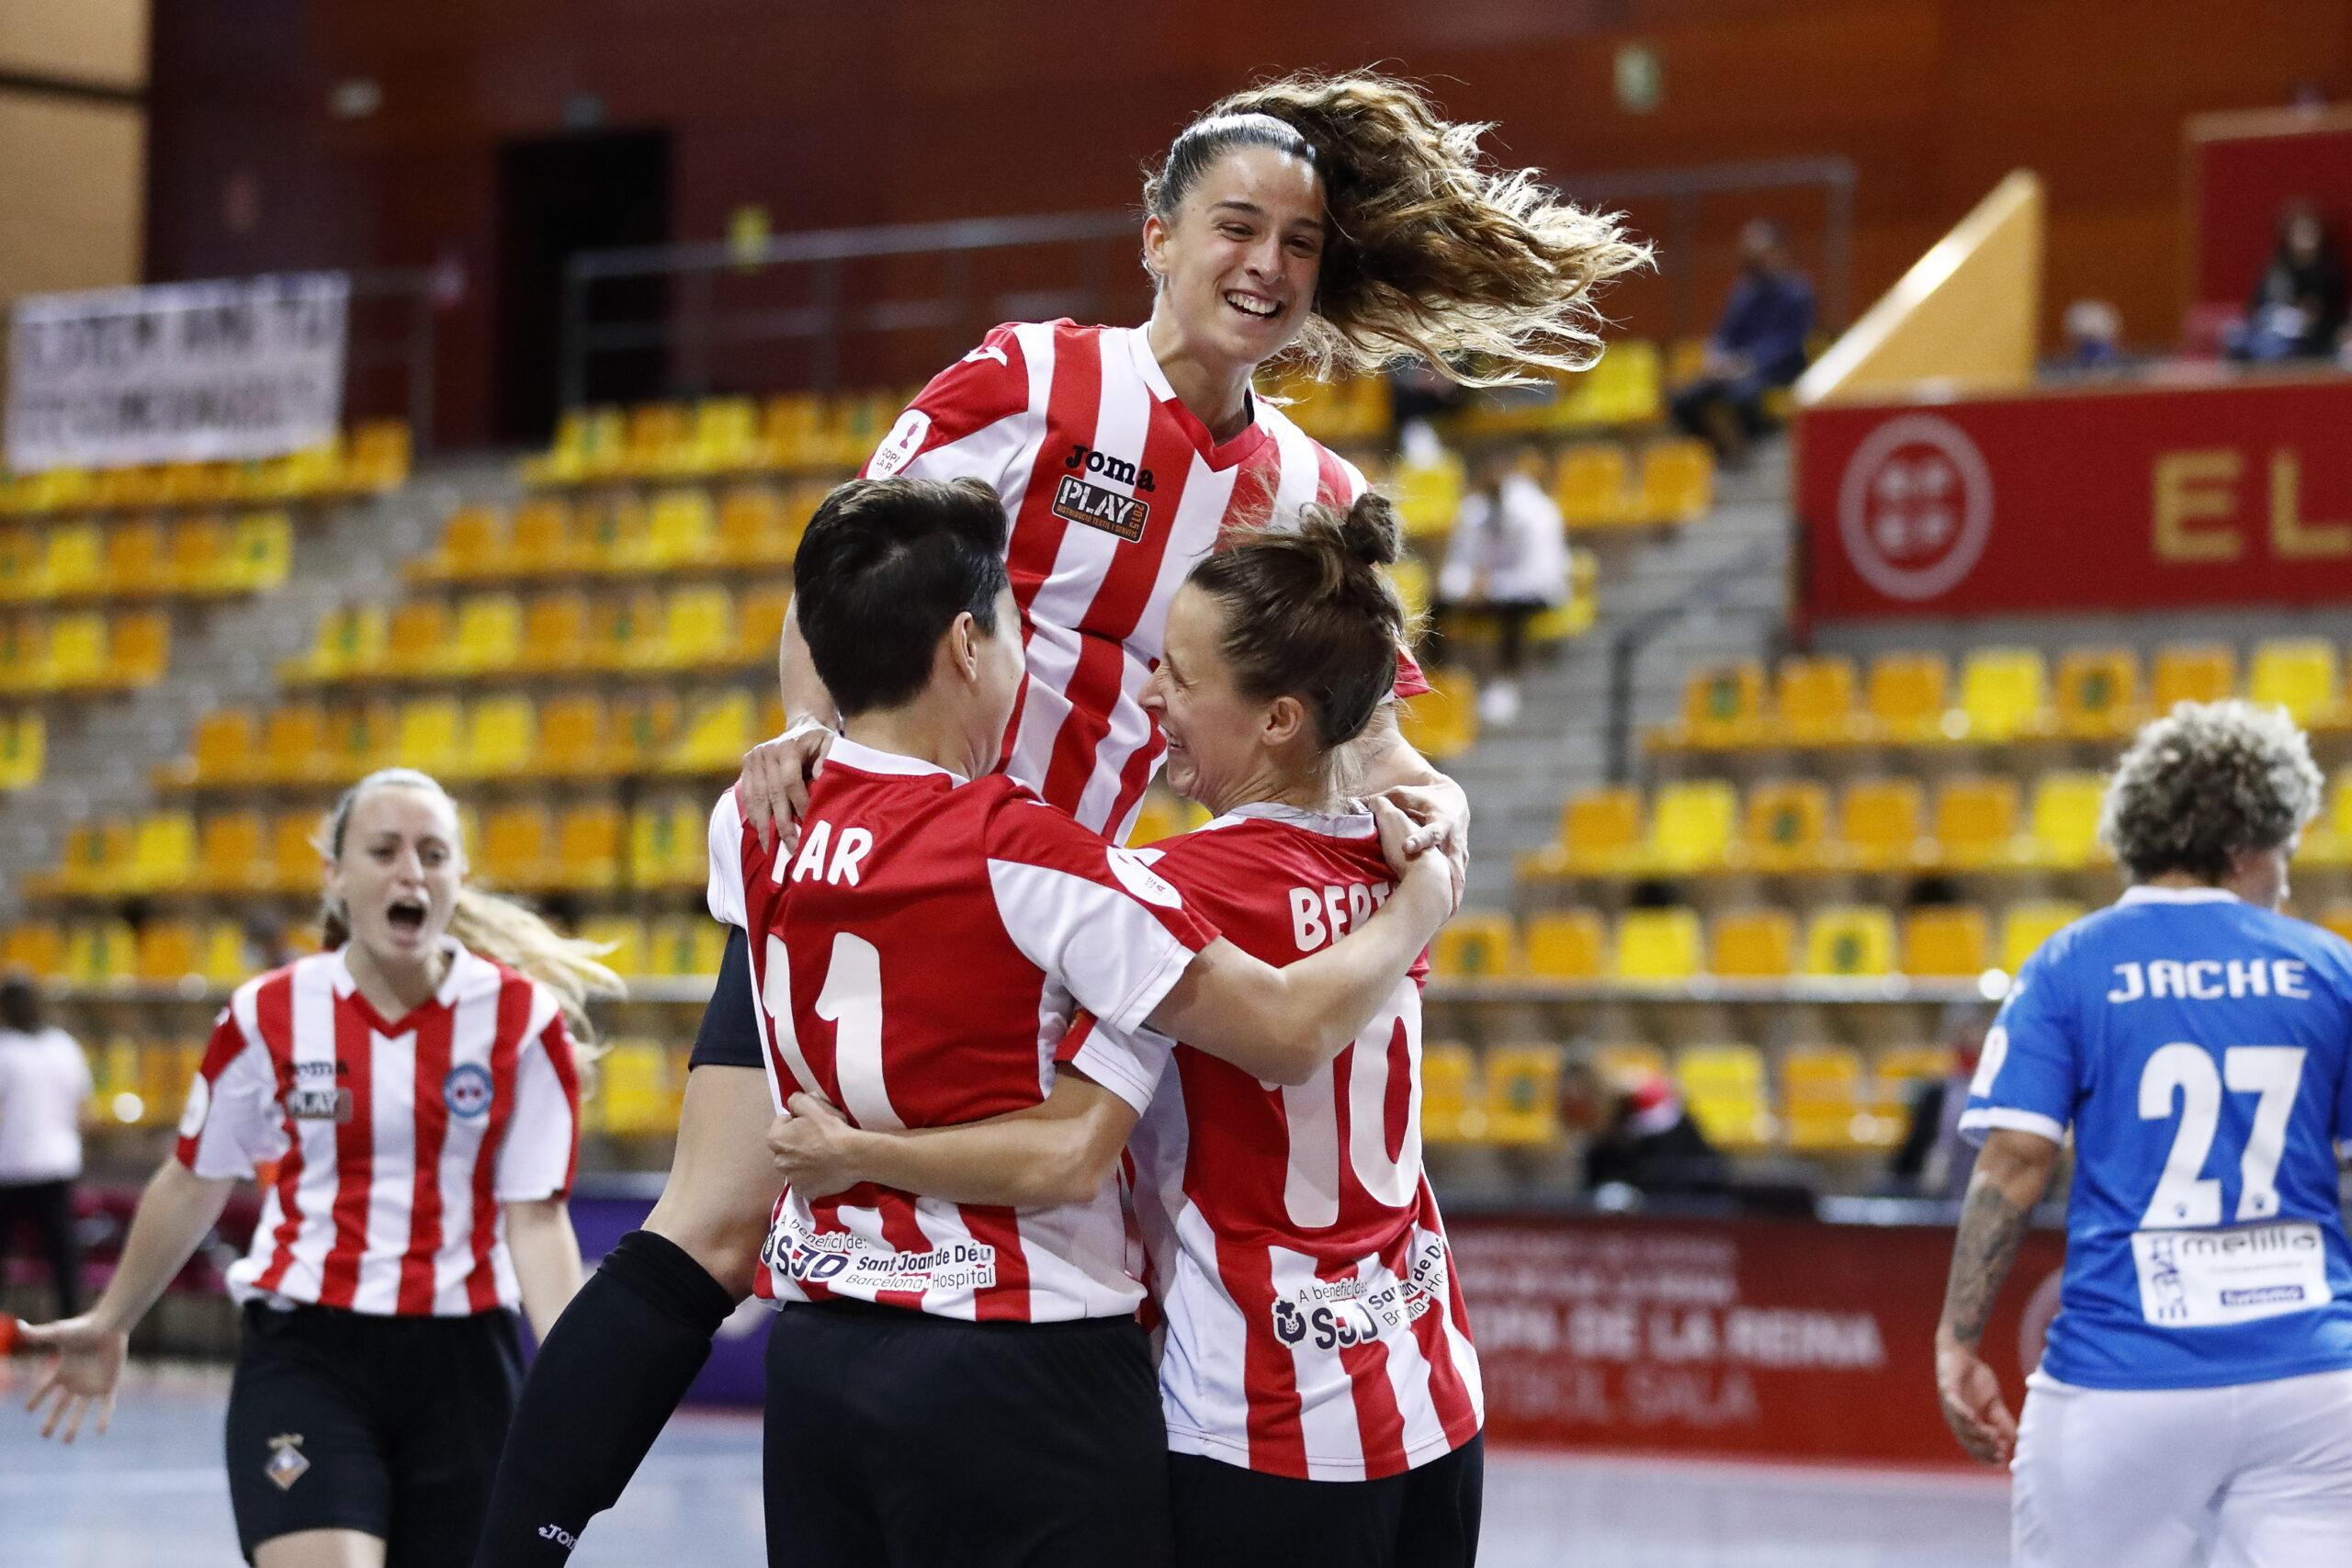 Crónica del Partido de Cuartos de Copa SM La Reina de Fútbol Sala: MSC Torreblanca- AE Penya Esplugues